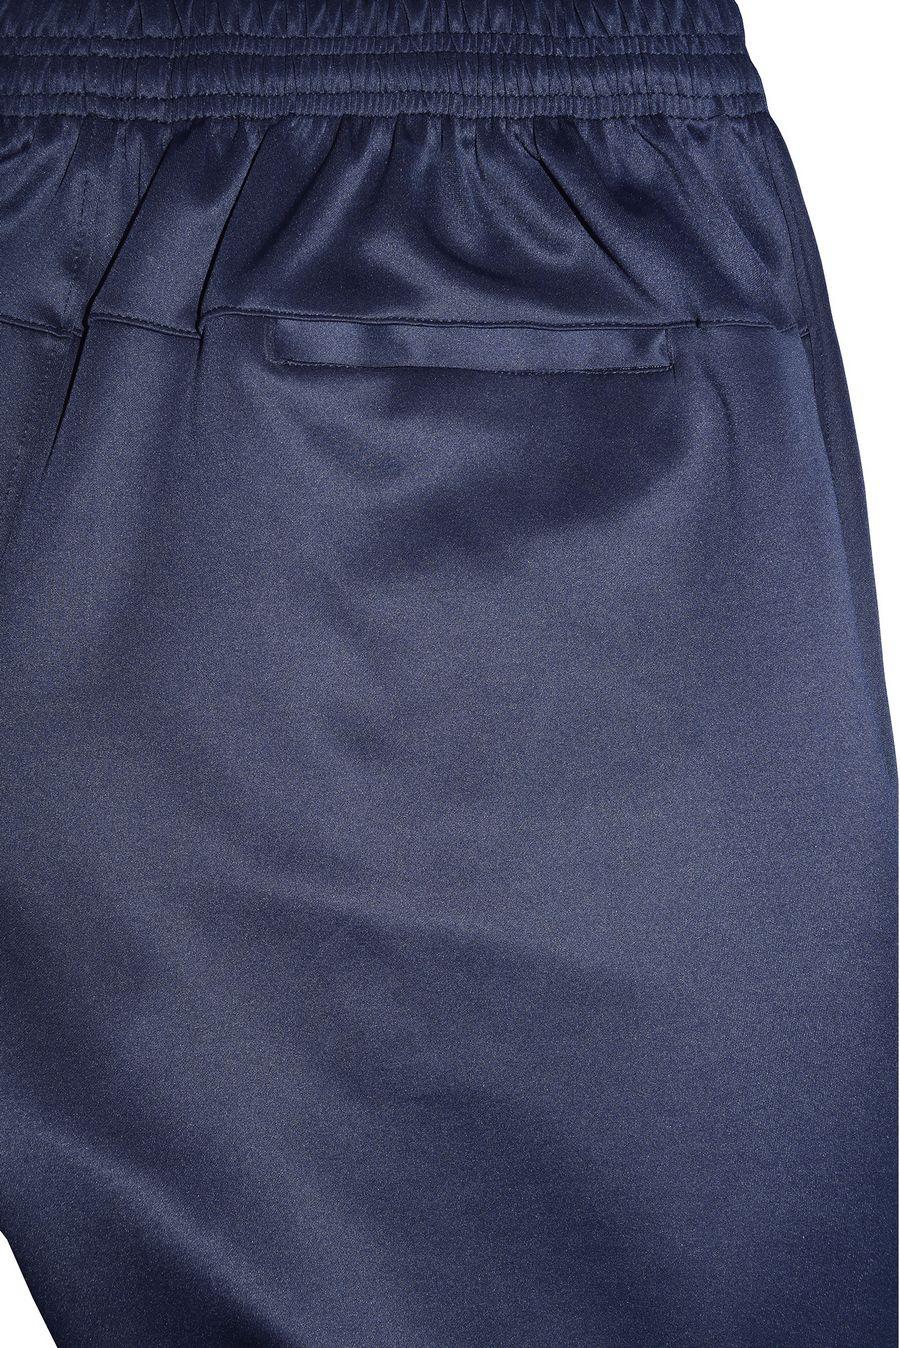 Брюки мужские GL 122 синие - фото 2